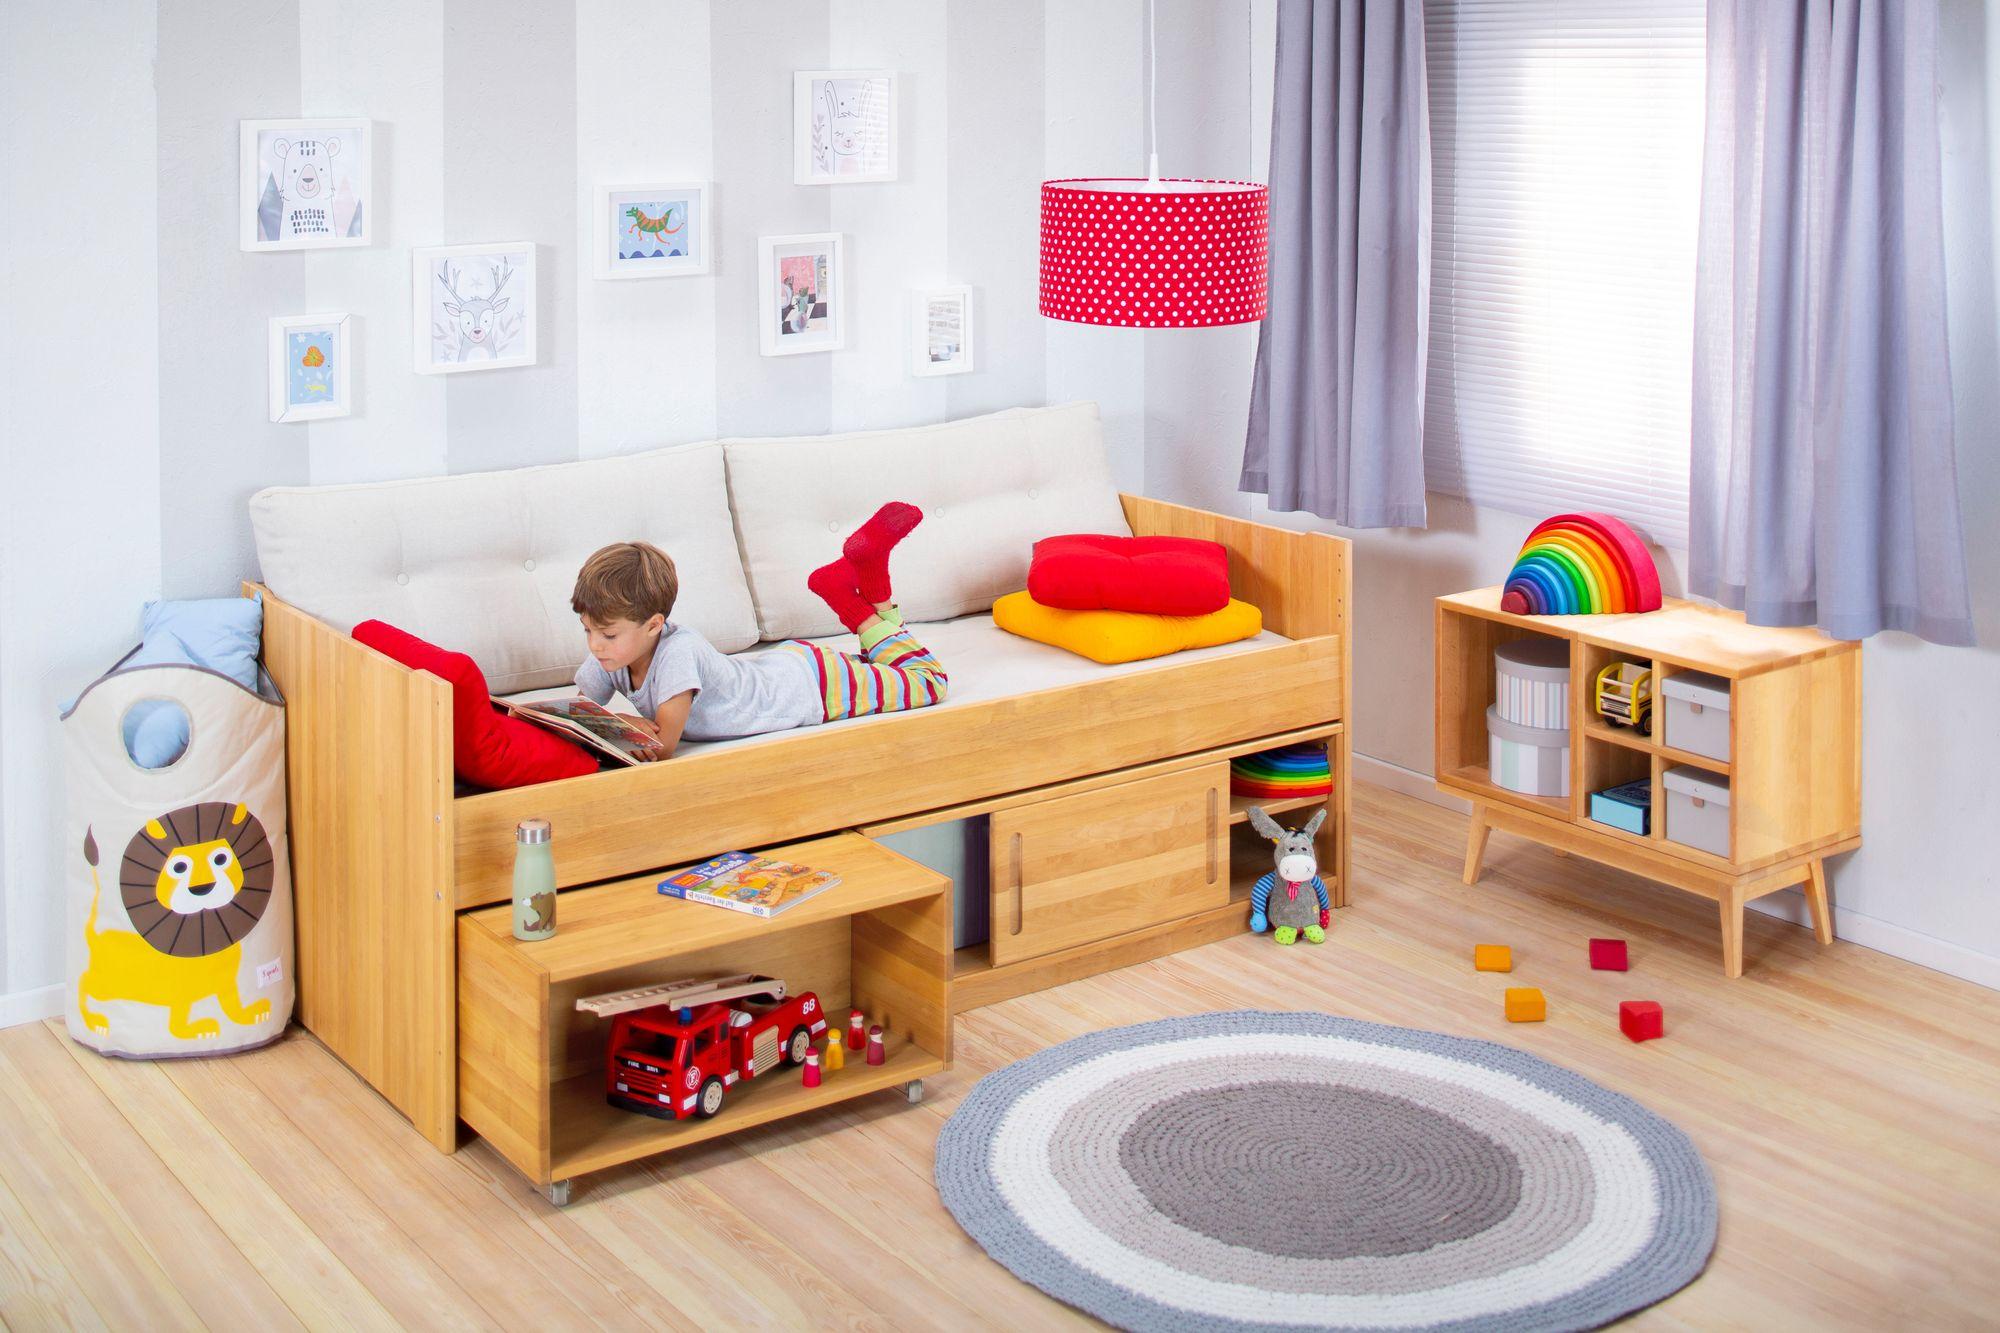 Full Size of Biolina Kinderbett 90x200 Cm Betten Bett Weiß Weißes Kiefer Mit Lattenrost Und Matratze Bettkasten Schubladen Wohnzimmer Jugendbett 90x200